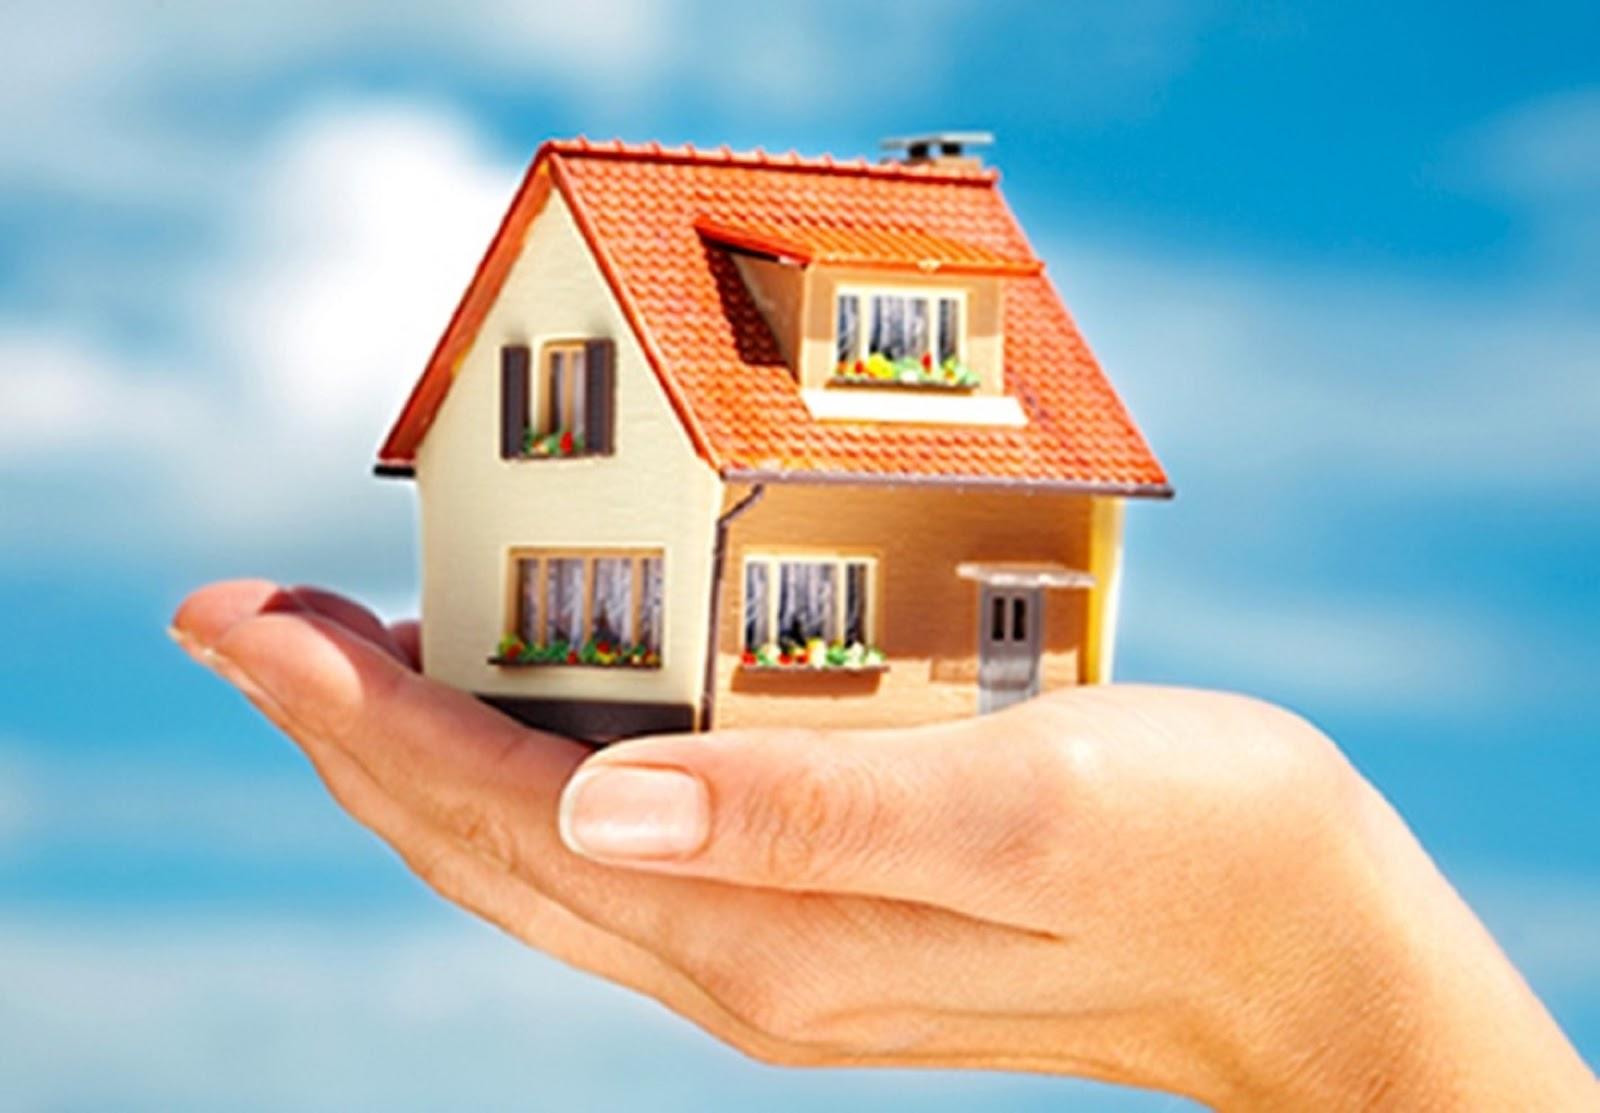 Как покупать недвижимость отчужденную за неуплату кредита москва сайт судебных приставов узнать долги